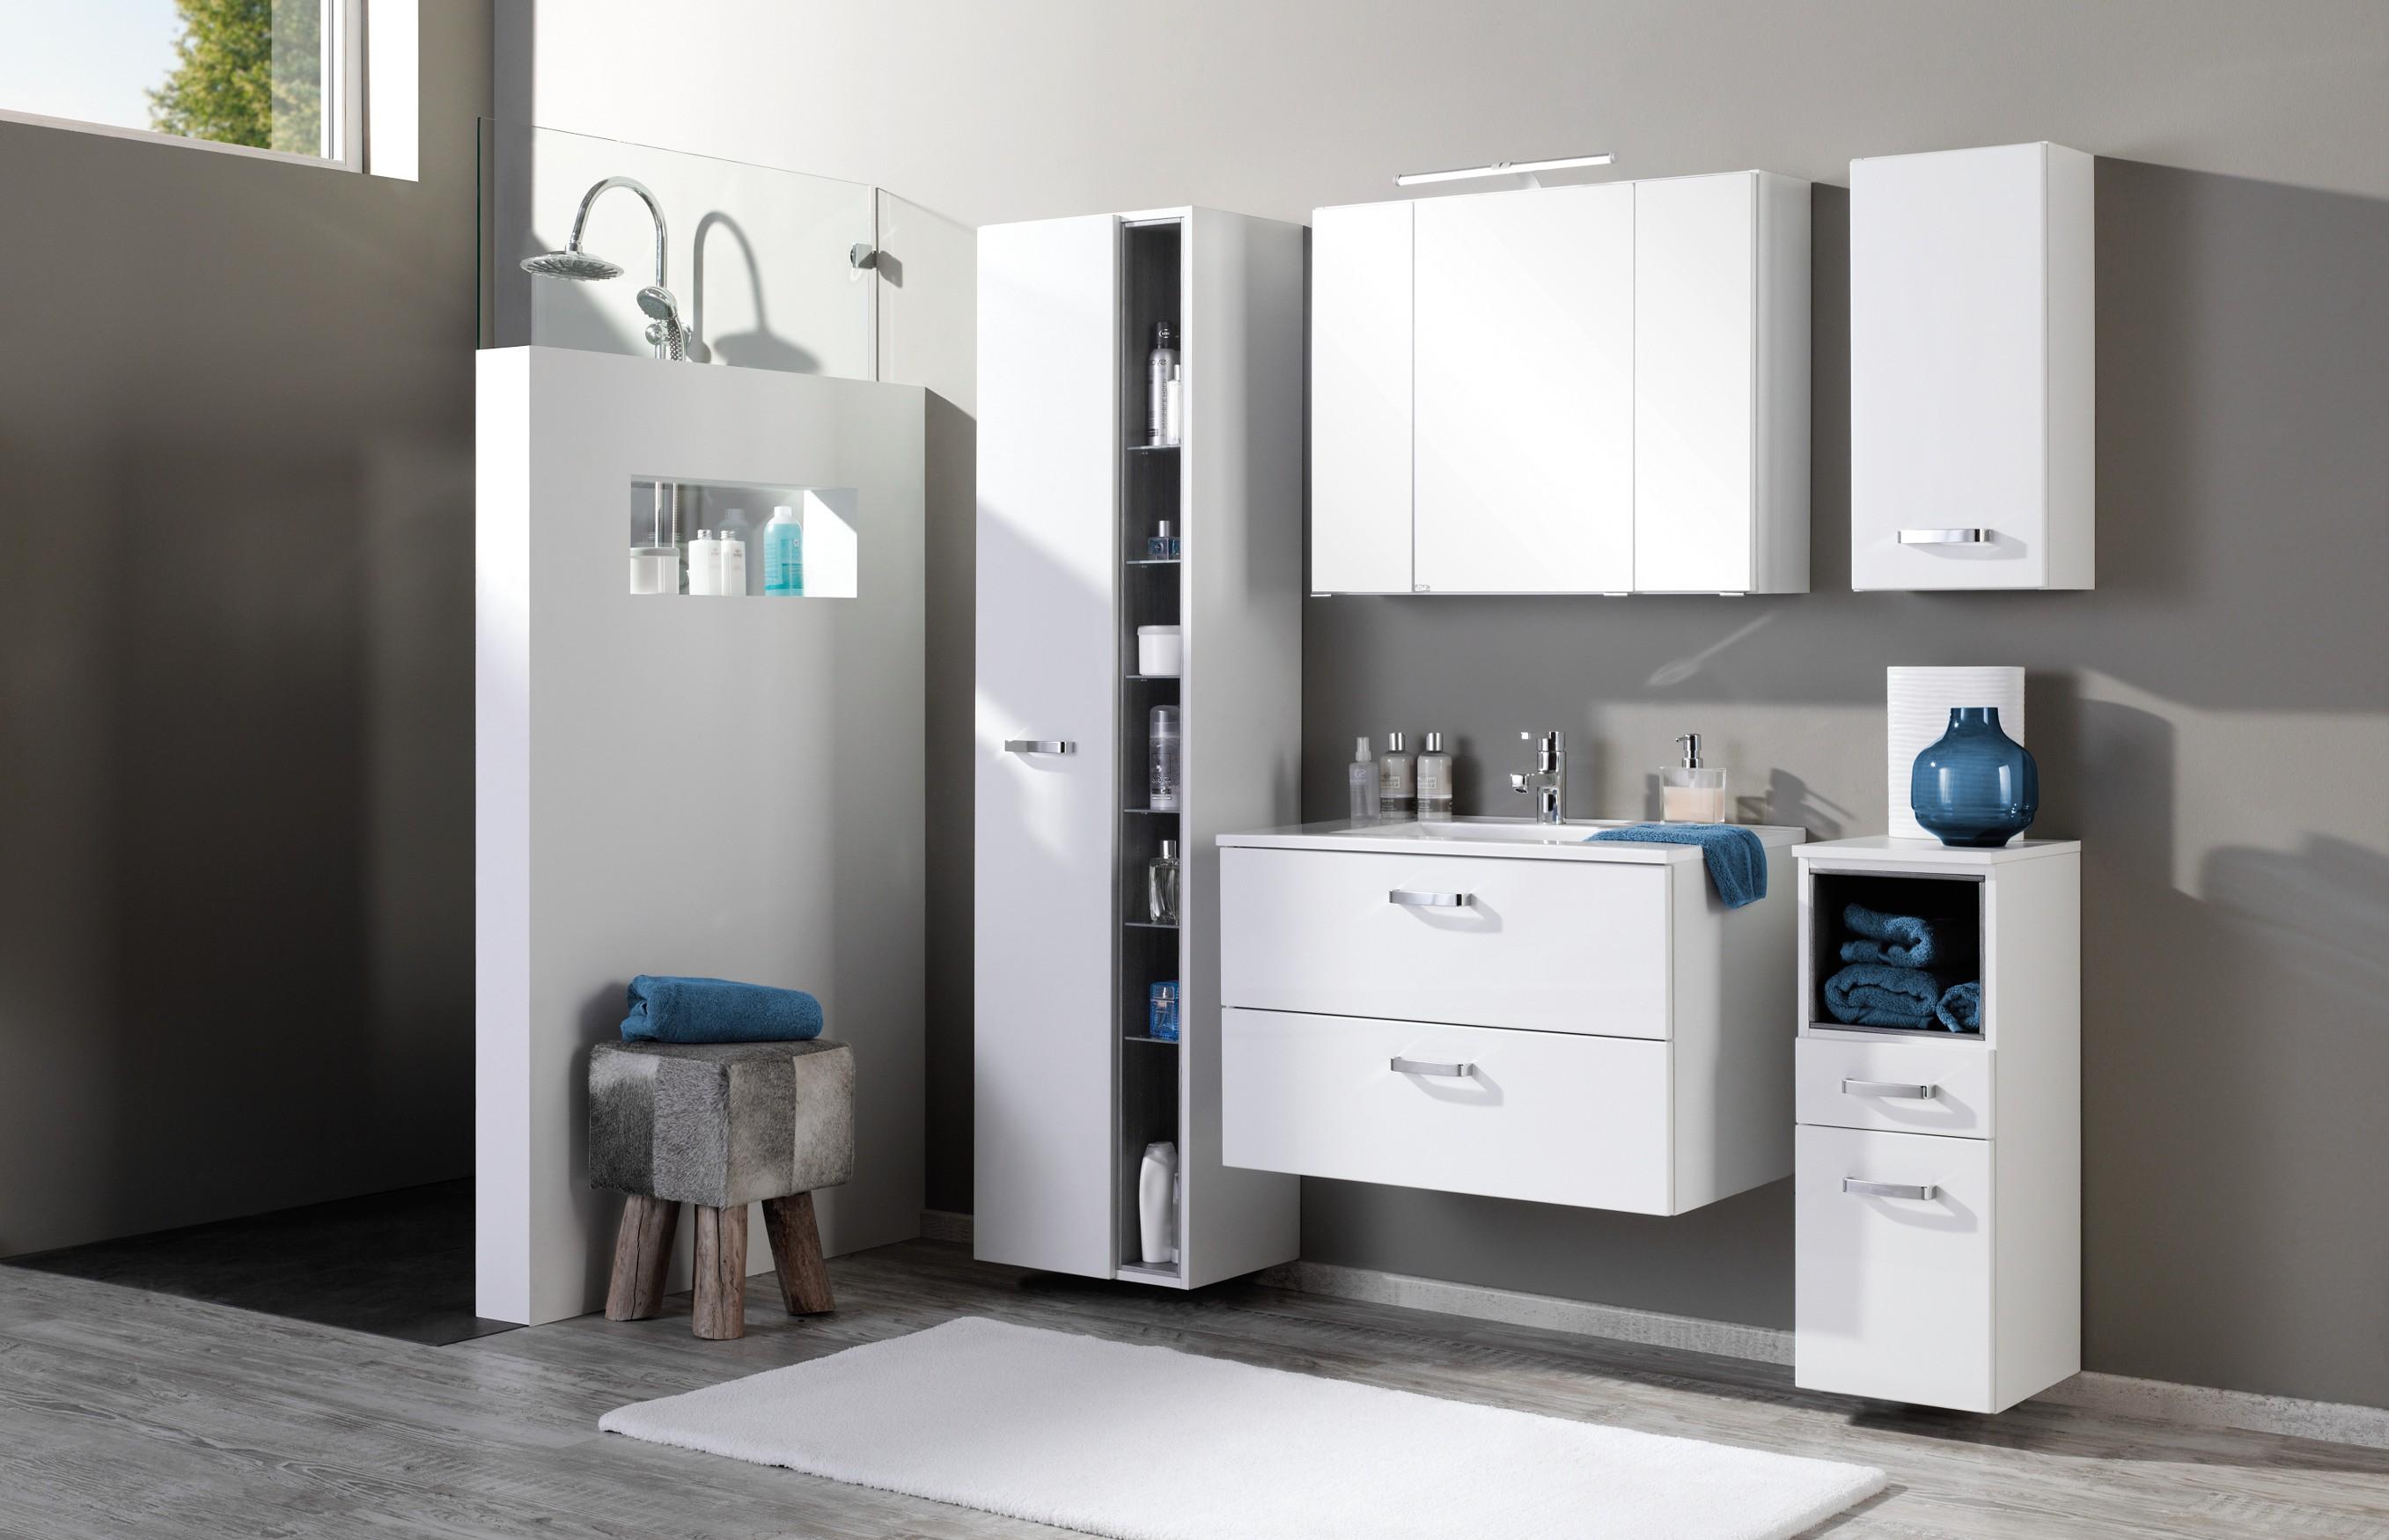 bad waschtisch ancona 2 ausz ge 80 cm breit hochglanz wei bad waschtische. Black Bedroom Furniture Sets. Home Design Ideas